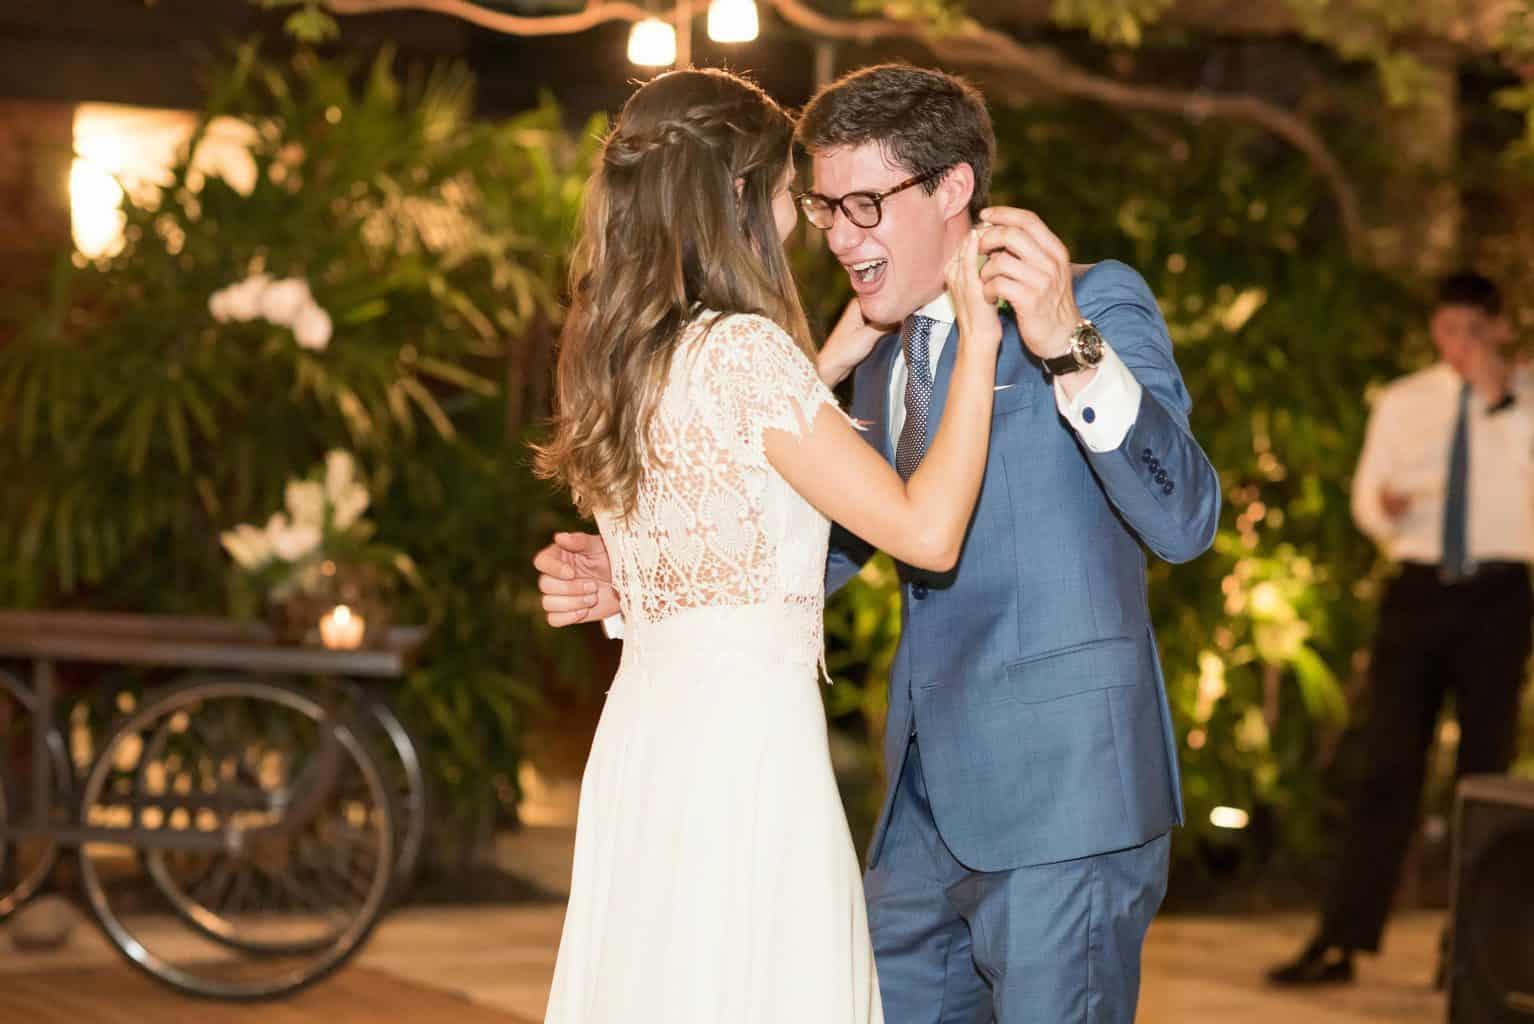 Casa-de-Santa-Teresa-Daniela-e-Juan-Destination-Wedding-Mariana-Nogueira-Decor-Marina-Fava-Fotografia-Thais-de-Carvalho-Dias-CaseMe-30